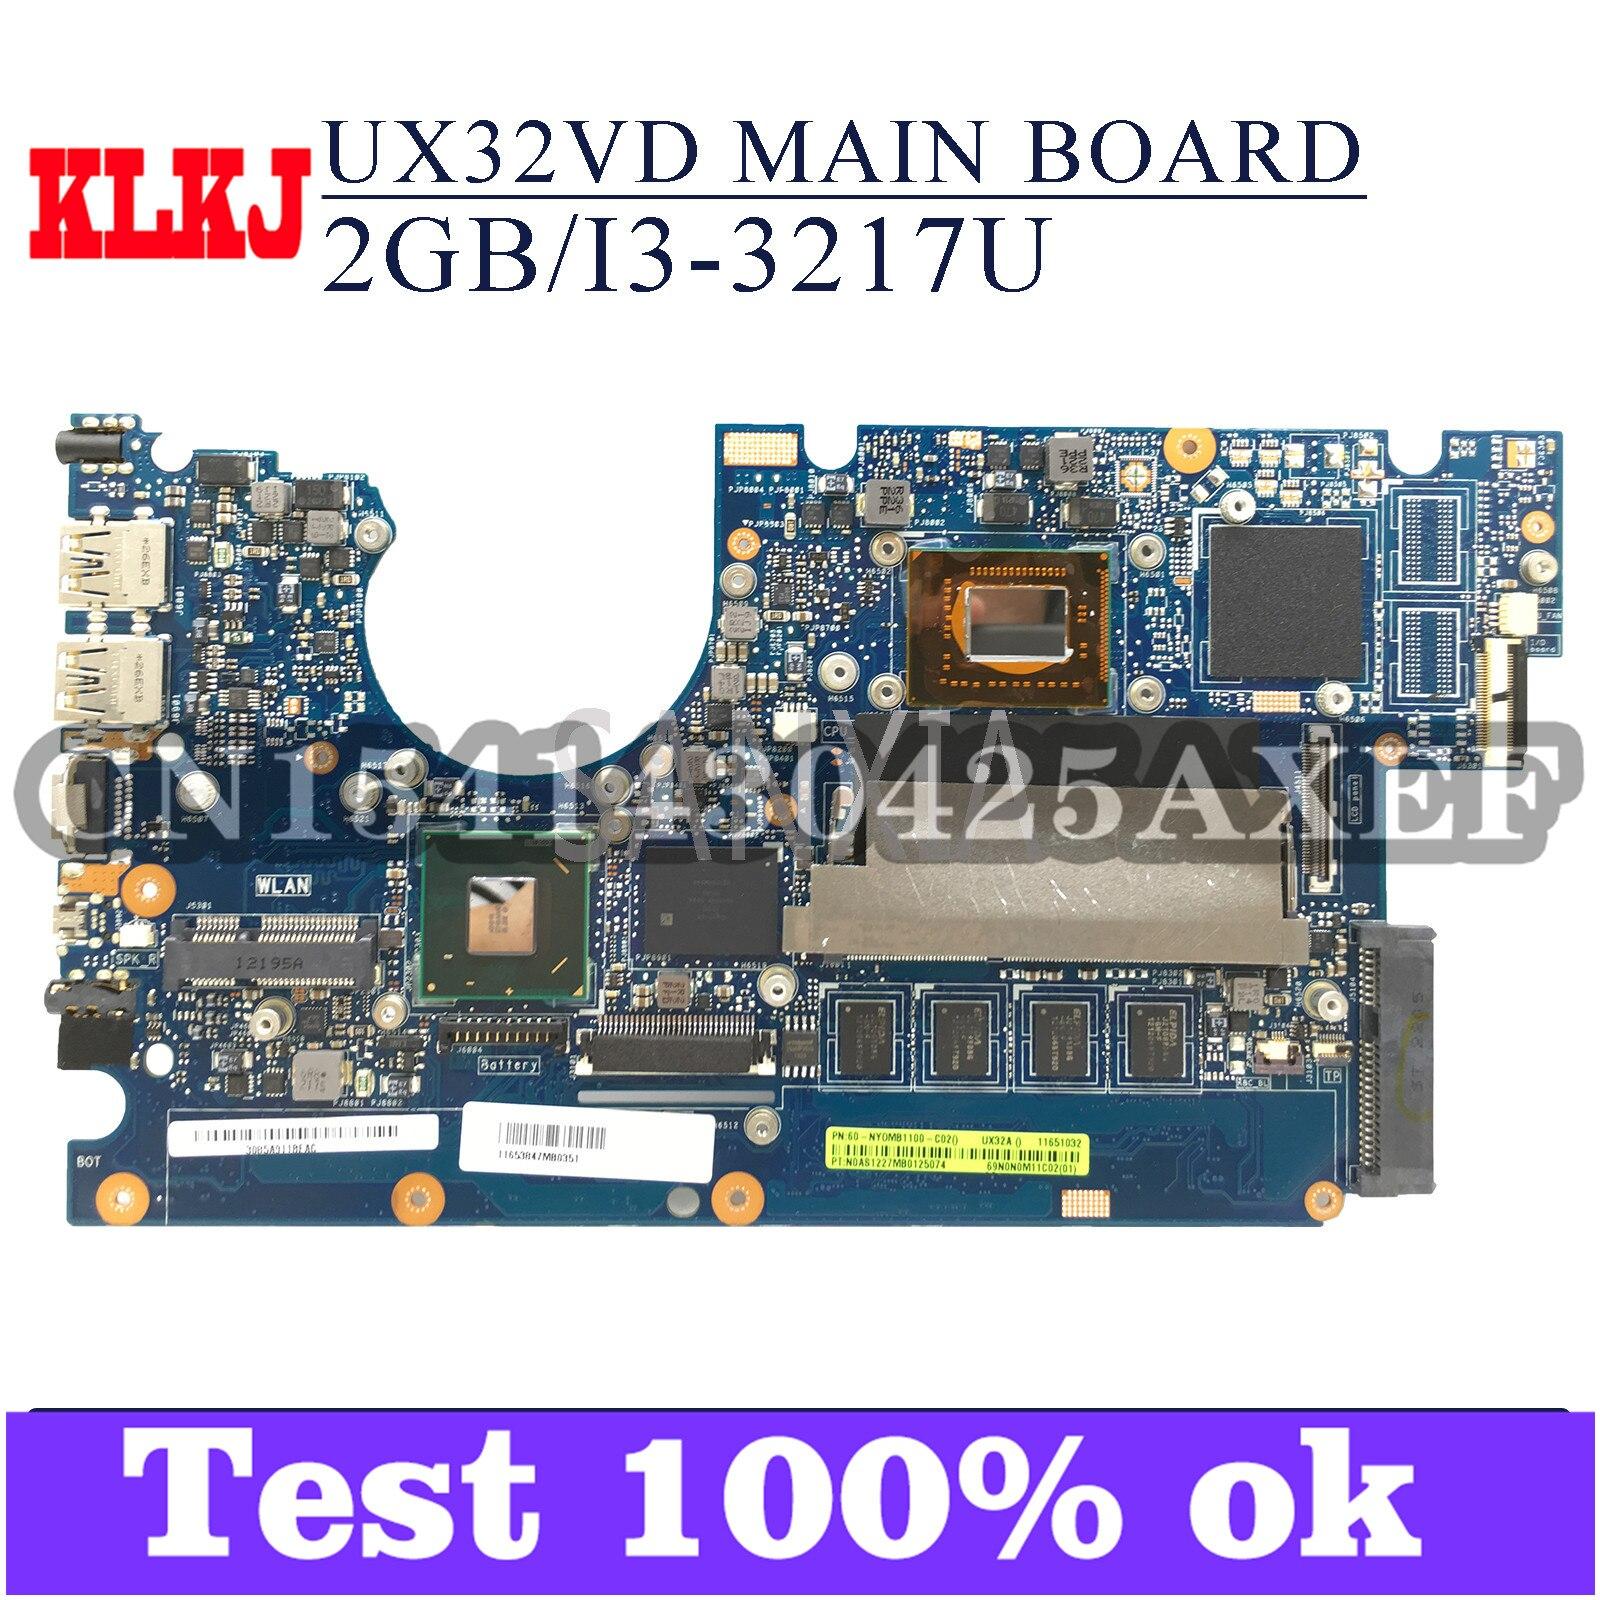 KLKJ UX32VD اللوحة الأم لأجهزة الكمبيوتر المحمول ASUS Zenbook UX32A اللوحة الرئيسية الأصلية 2GB-RAM I3-3217U